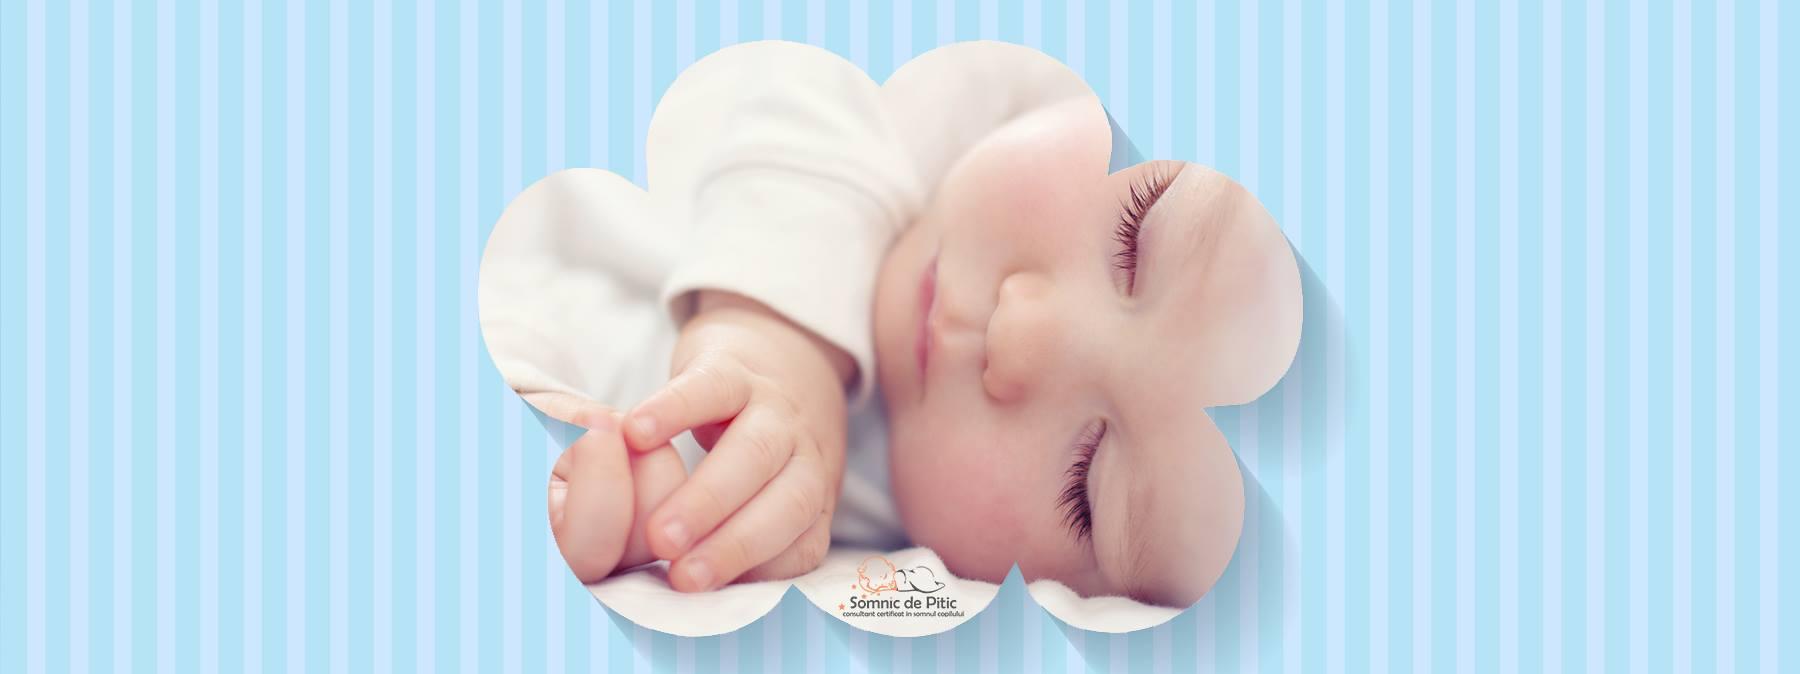 De ce nu doarme copilul meu?